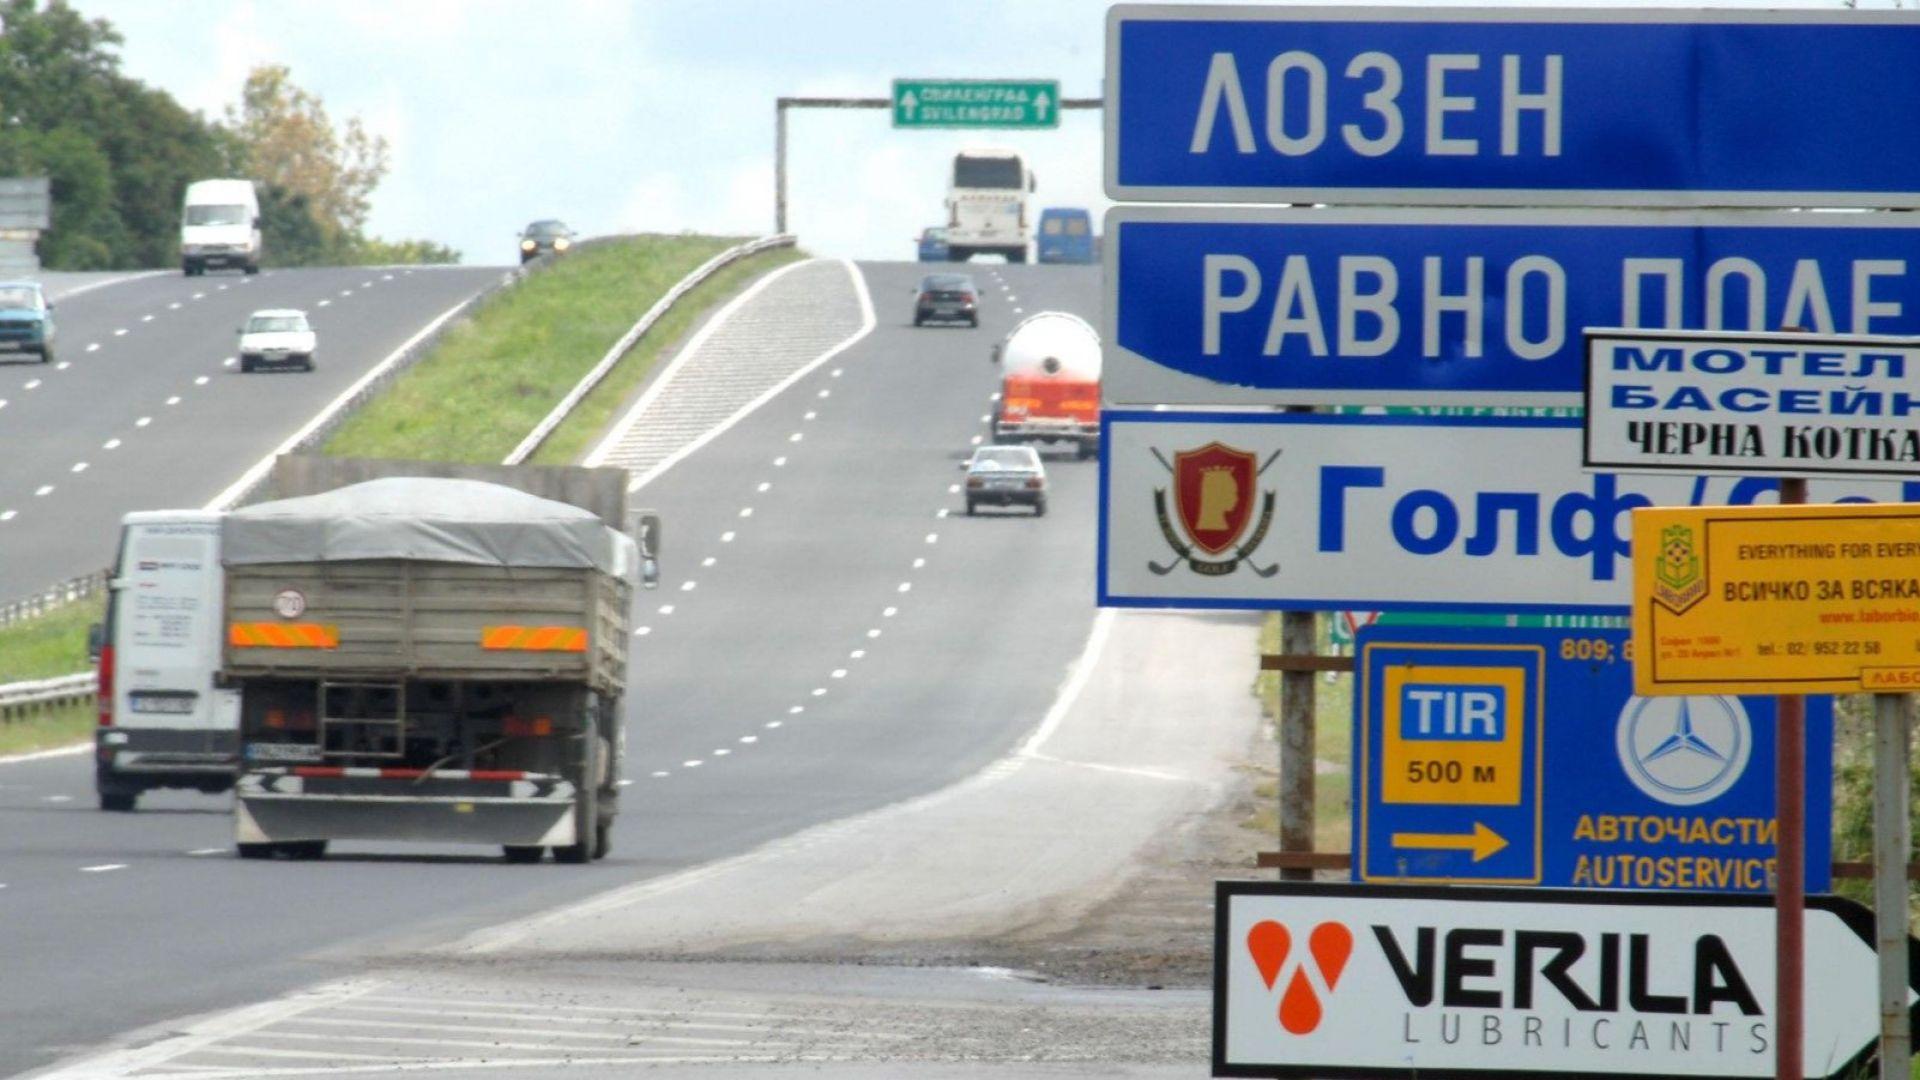 Експерти: Правилата за движение се променят, за да се тормозят водачите